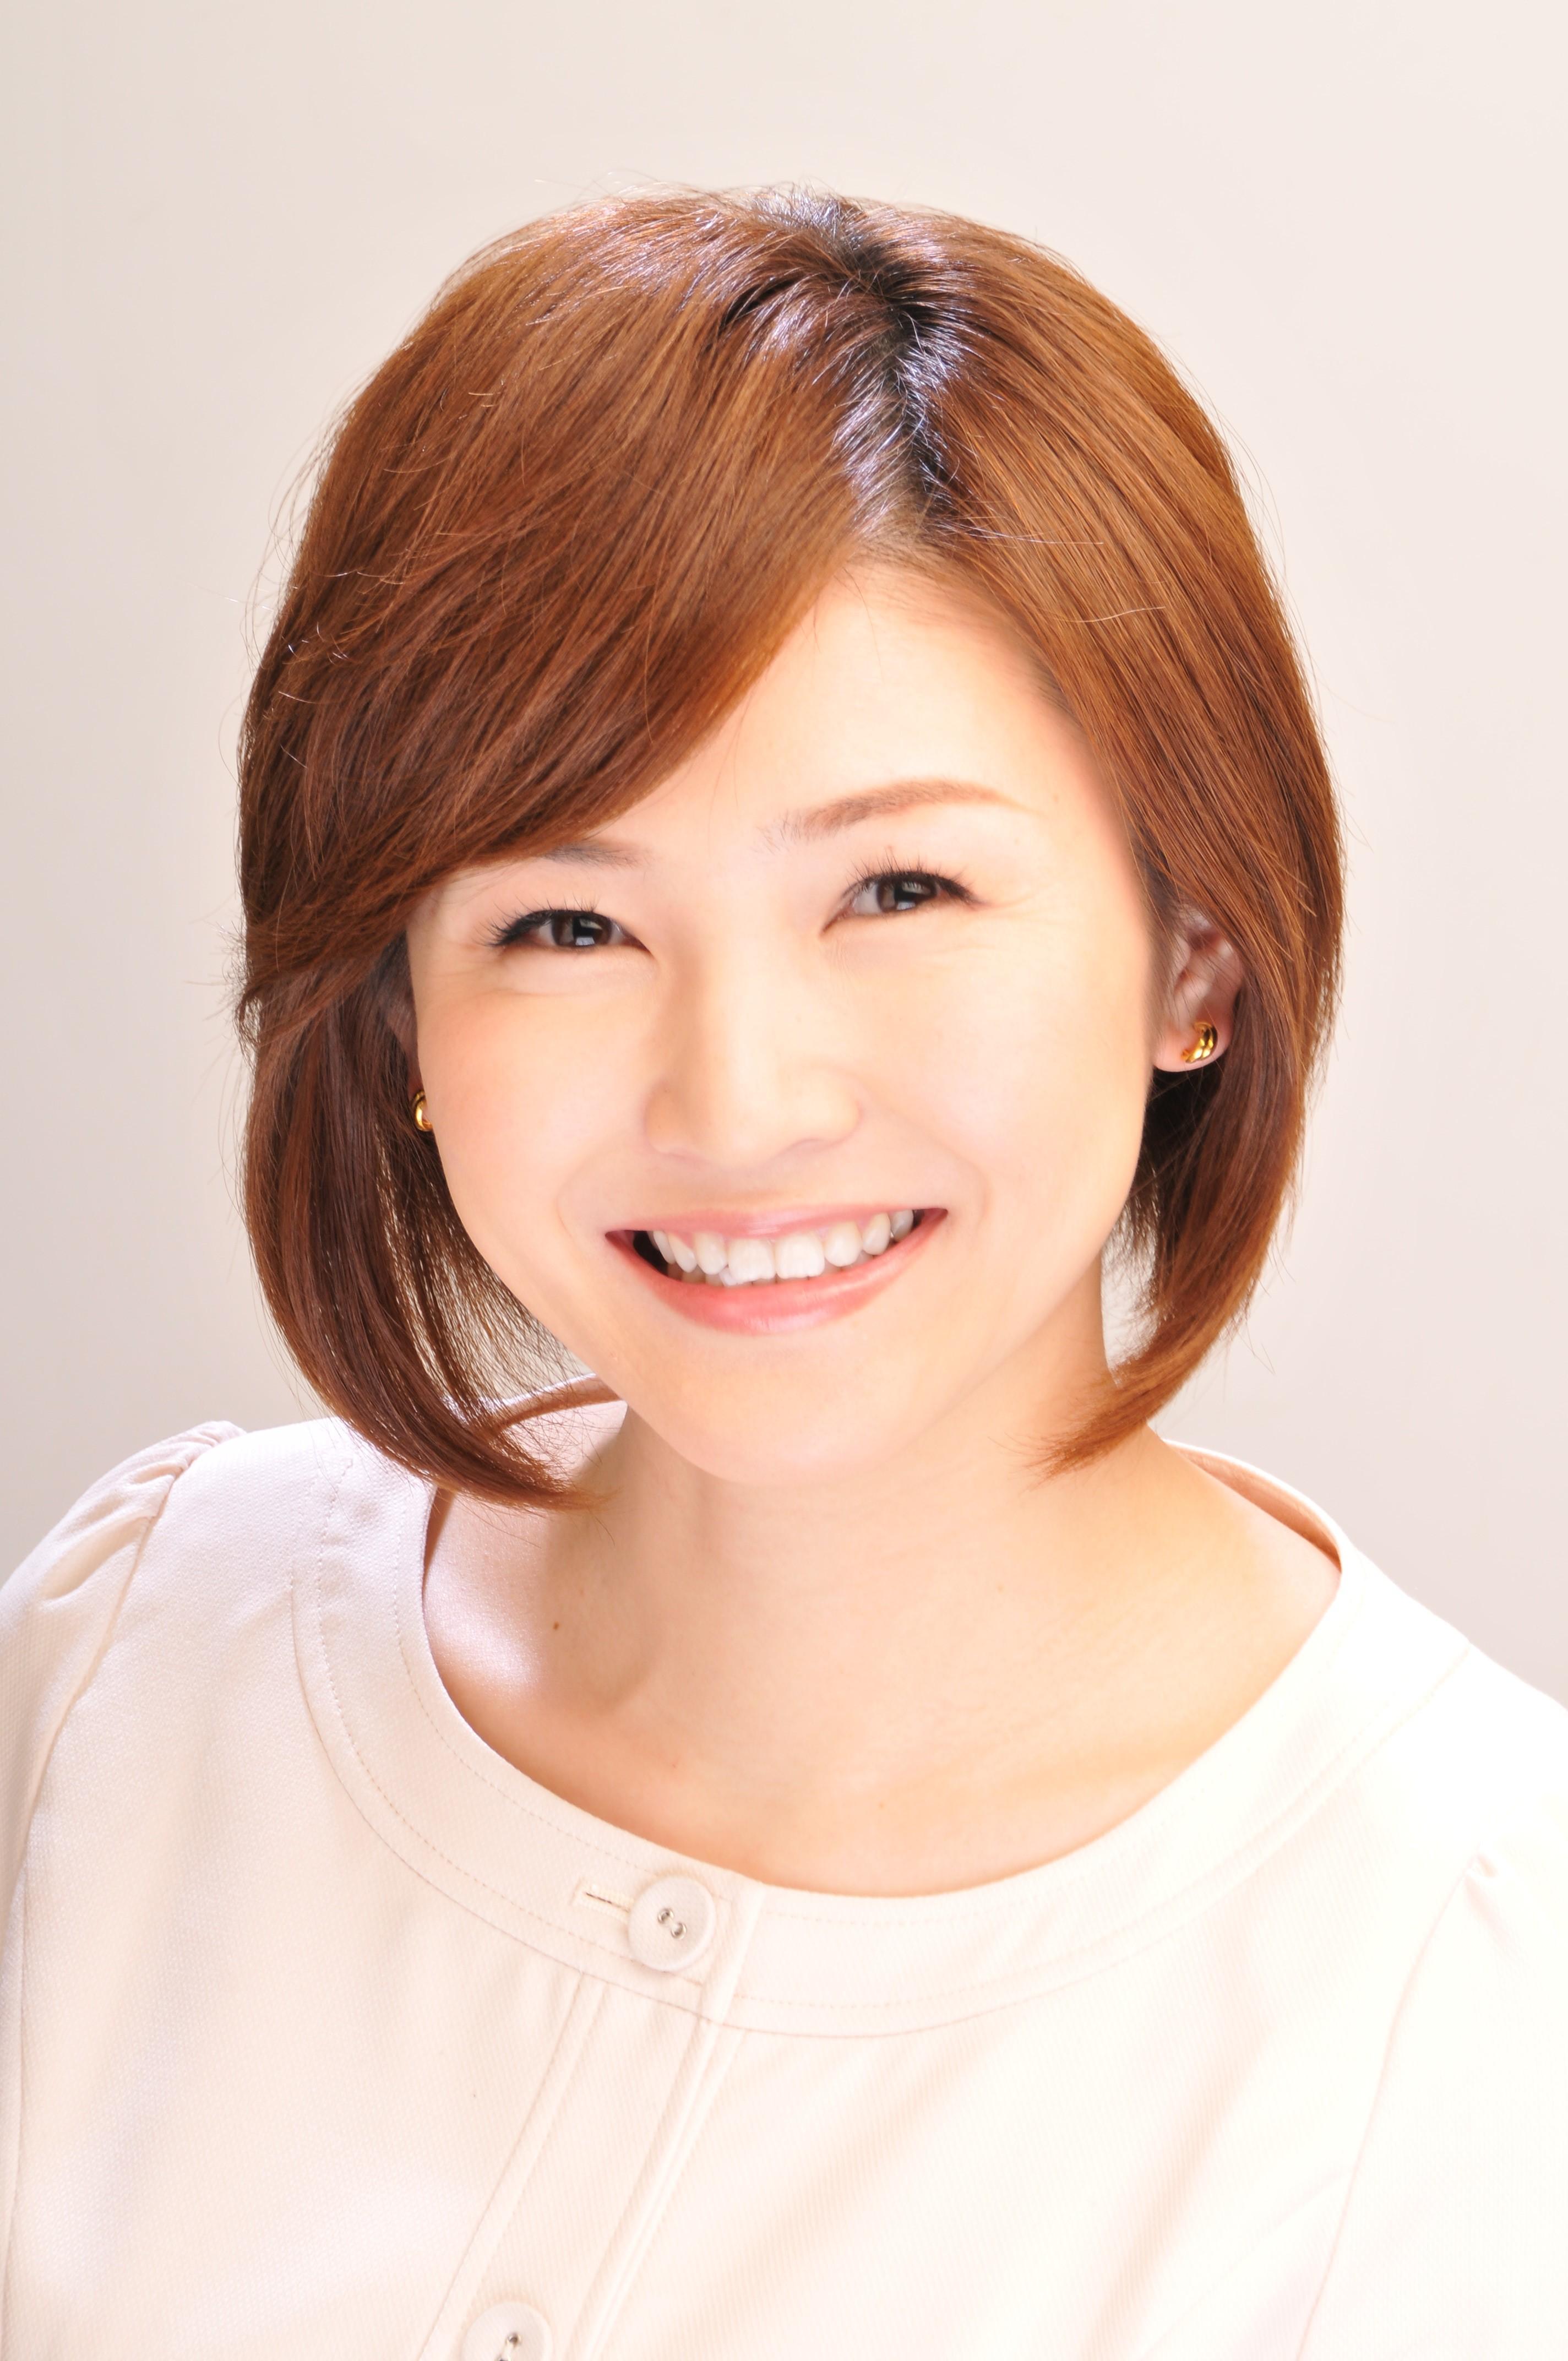 Rika Wakebayashi